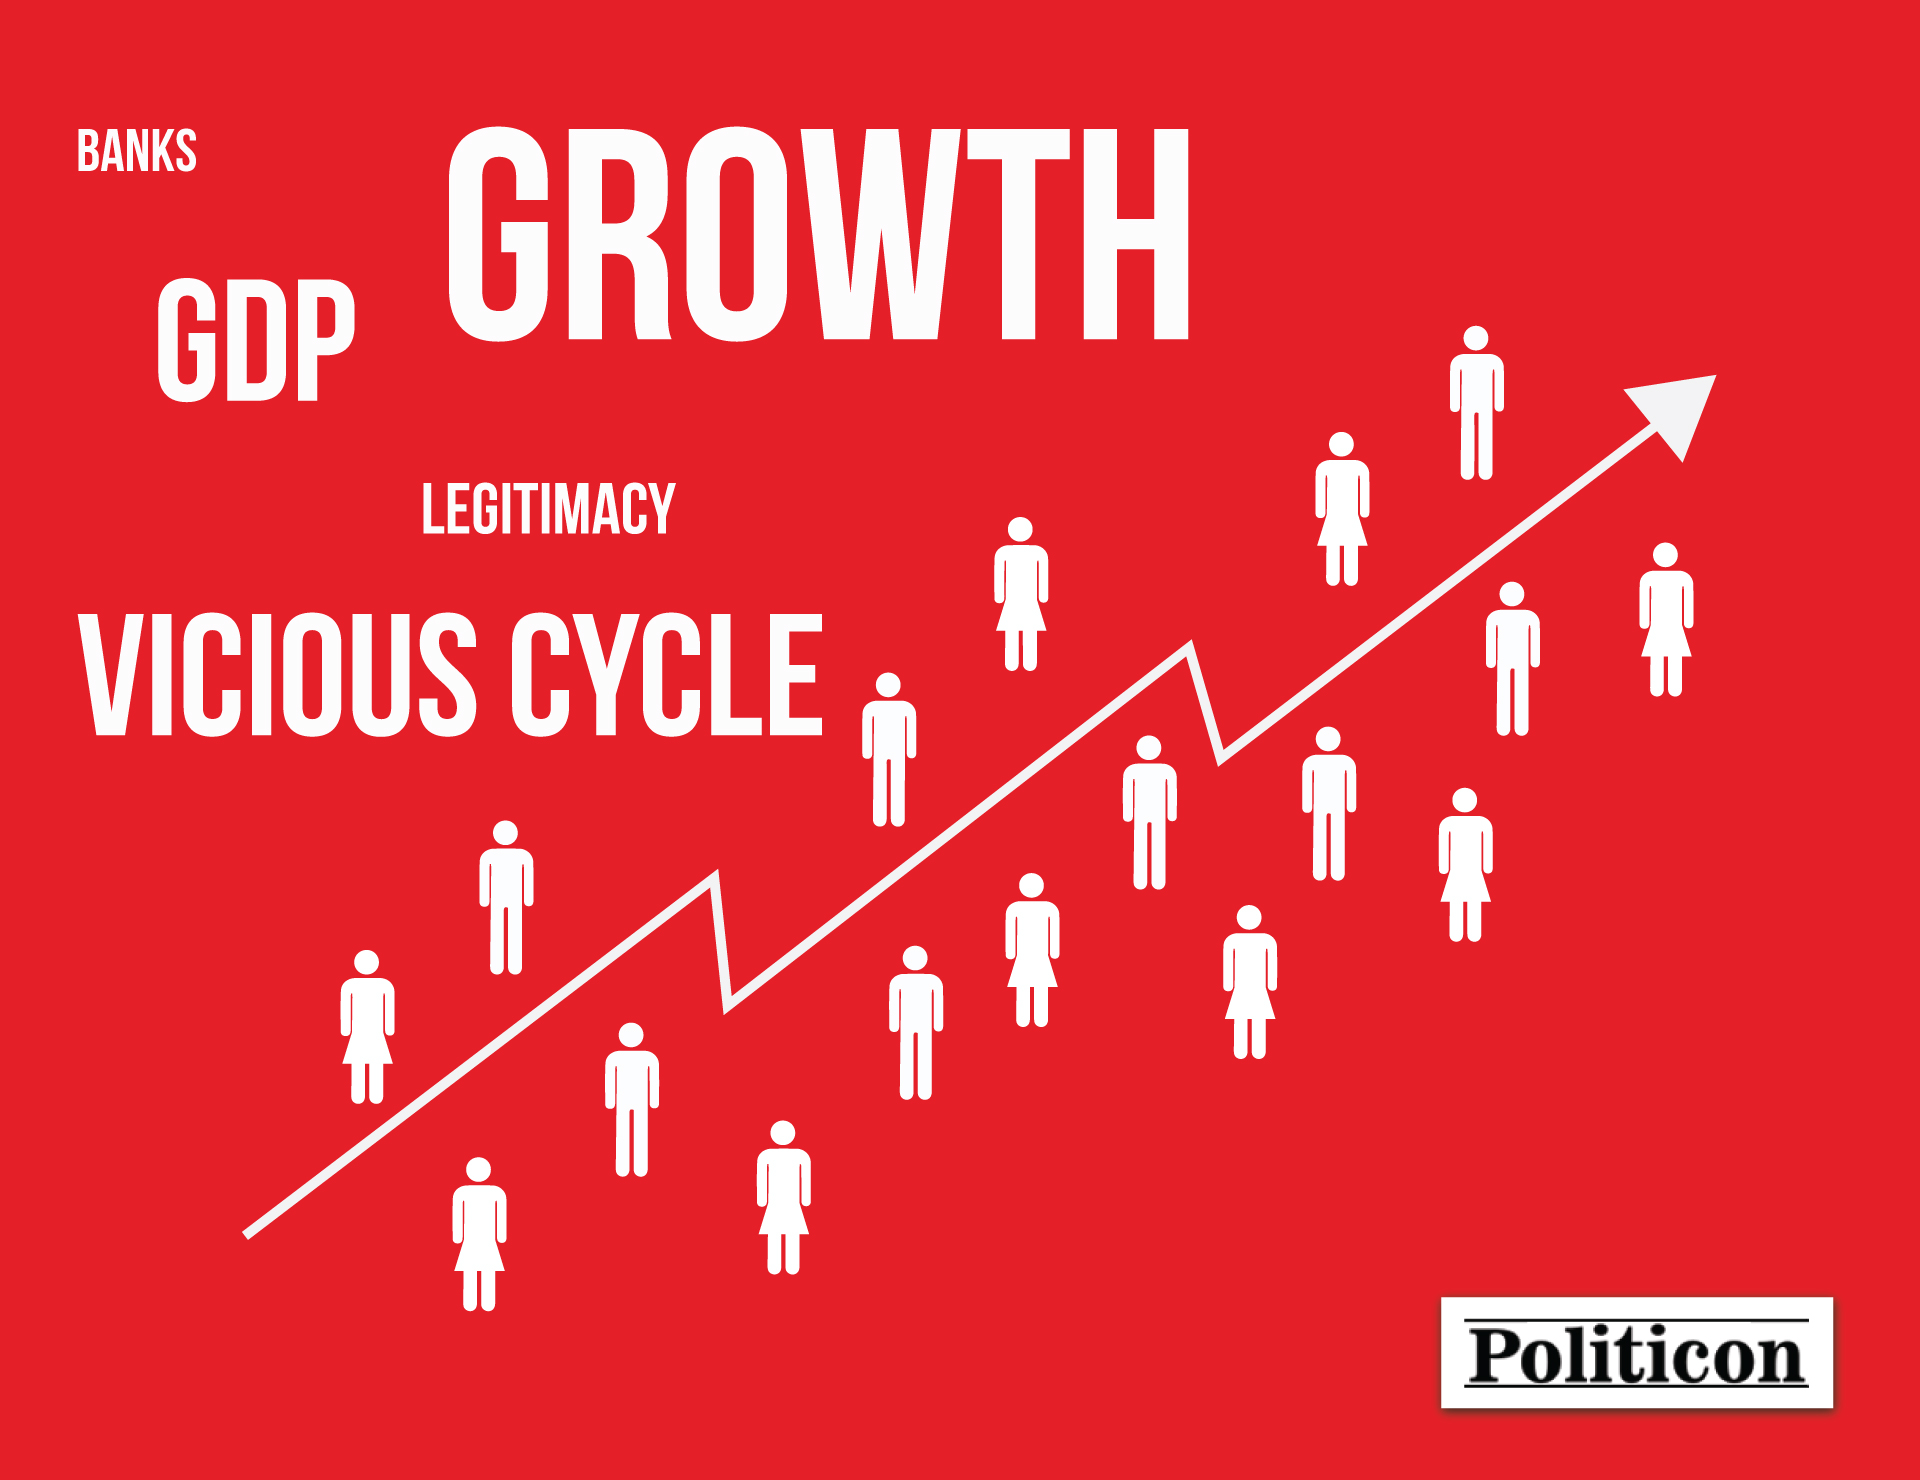 Türkiyənin iqtisadi inkişafı barədə artan narahatlıqlar